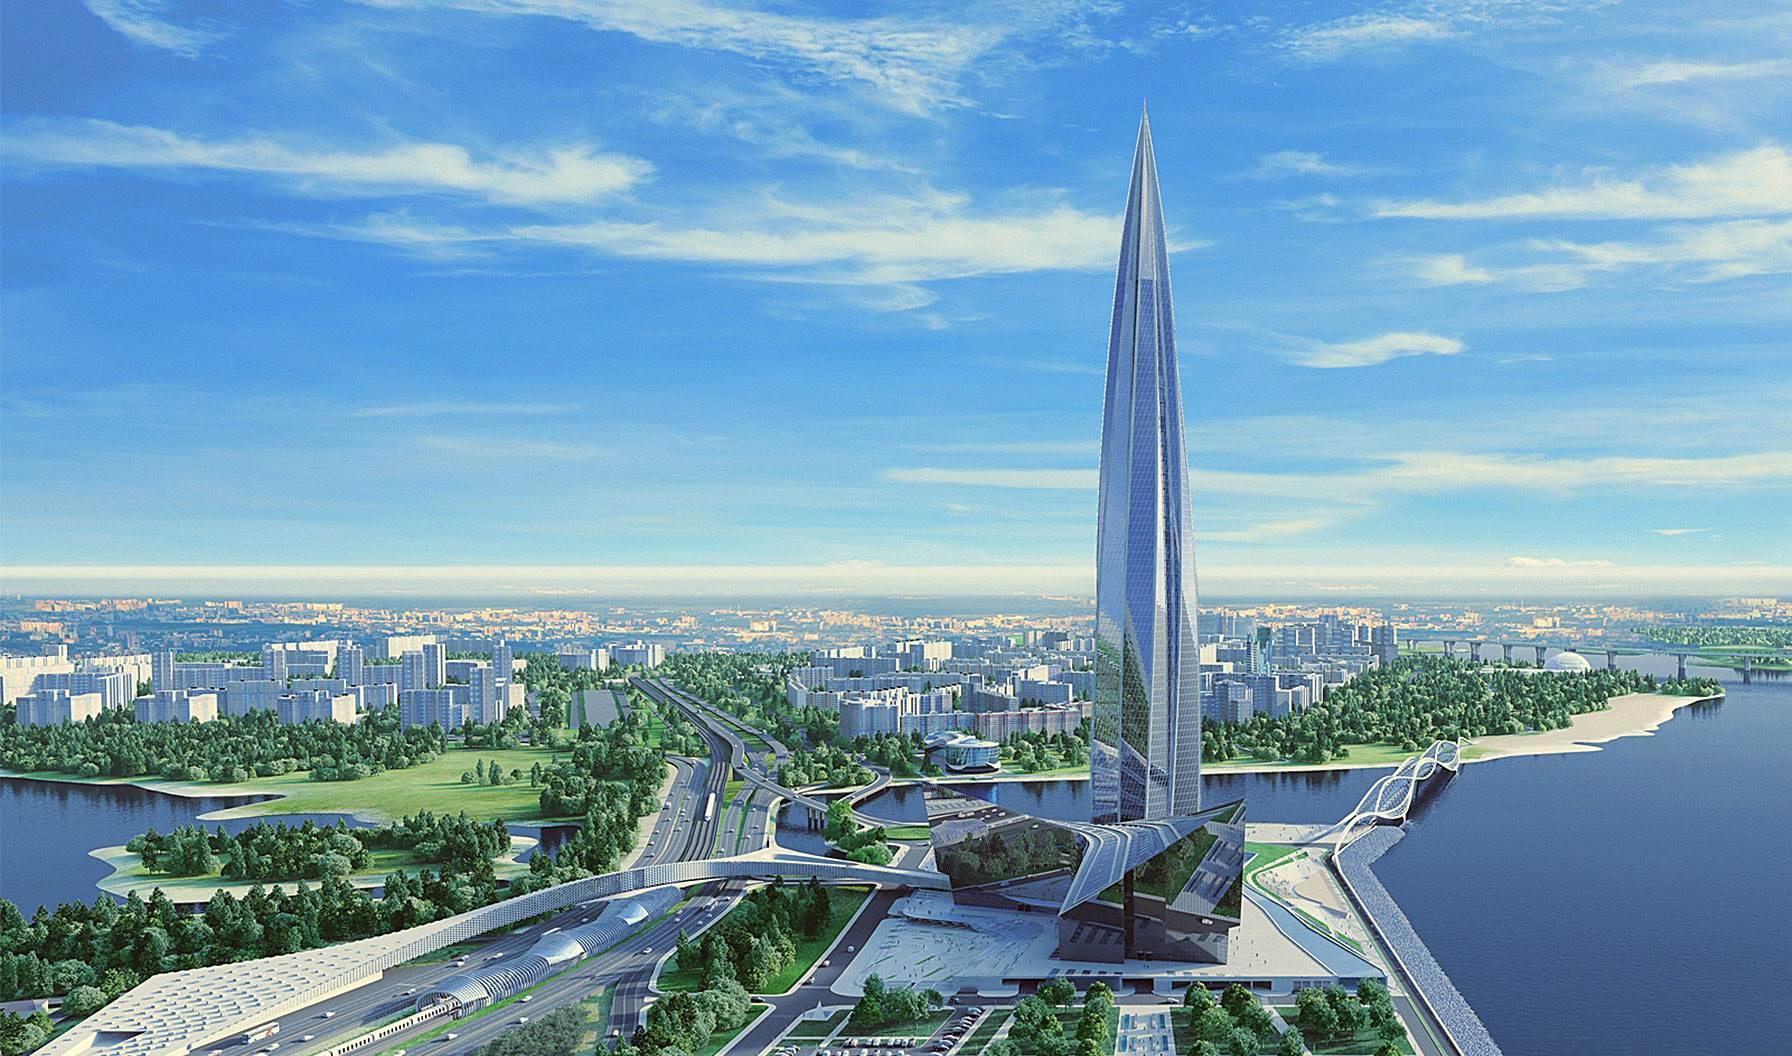 Lakhta Center